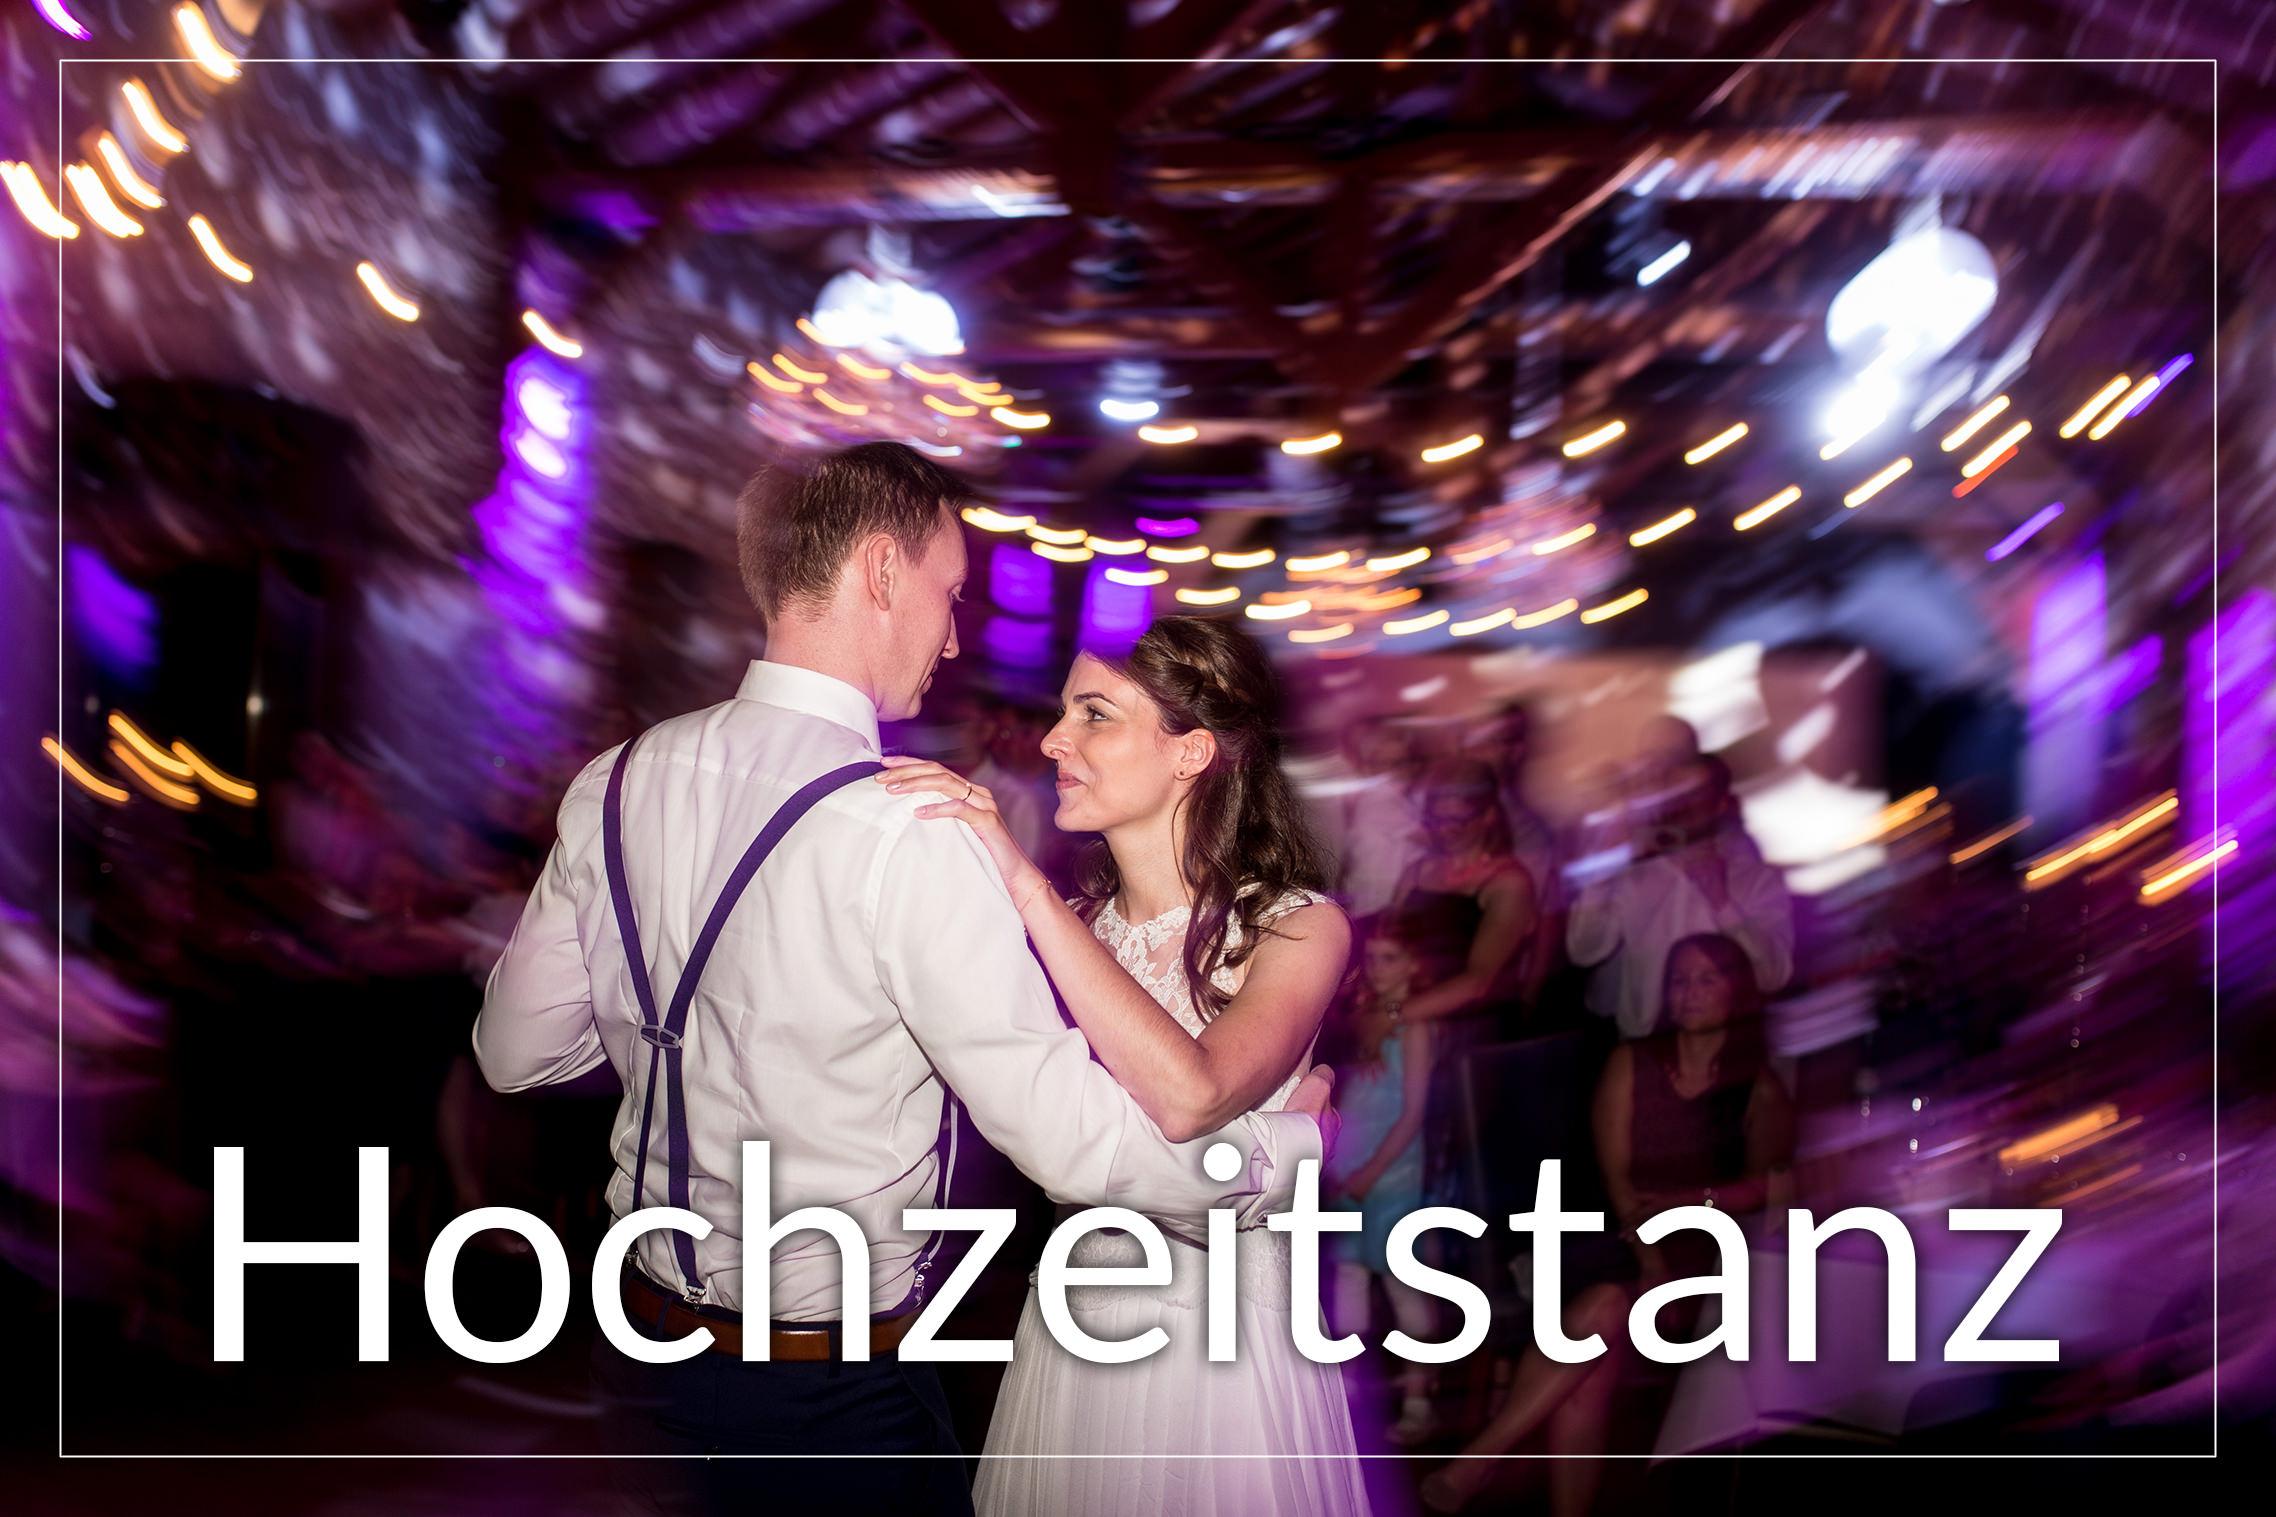 10 Tipps für perfekte Hochzeitsfotos aus Sicht eines Fotografen: keine Laserlichter beim Tanz!